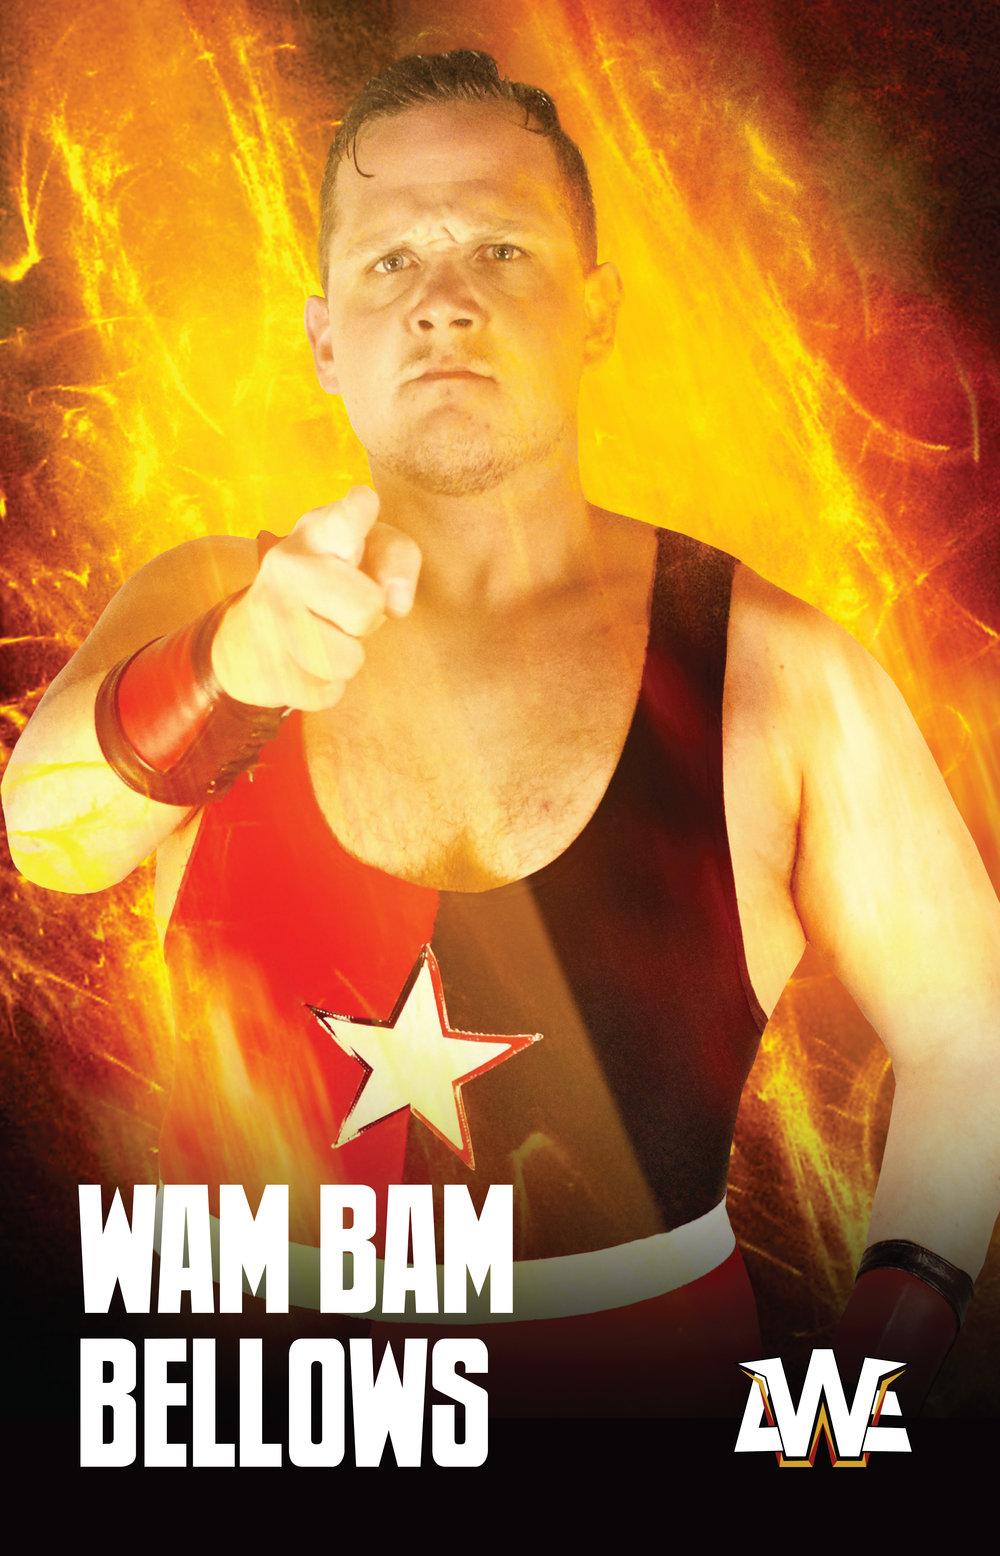 Znalezione obrazy dla zapytania awe asia wrestling entertainment results WAM BAM BALLOWS